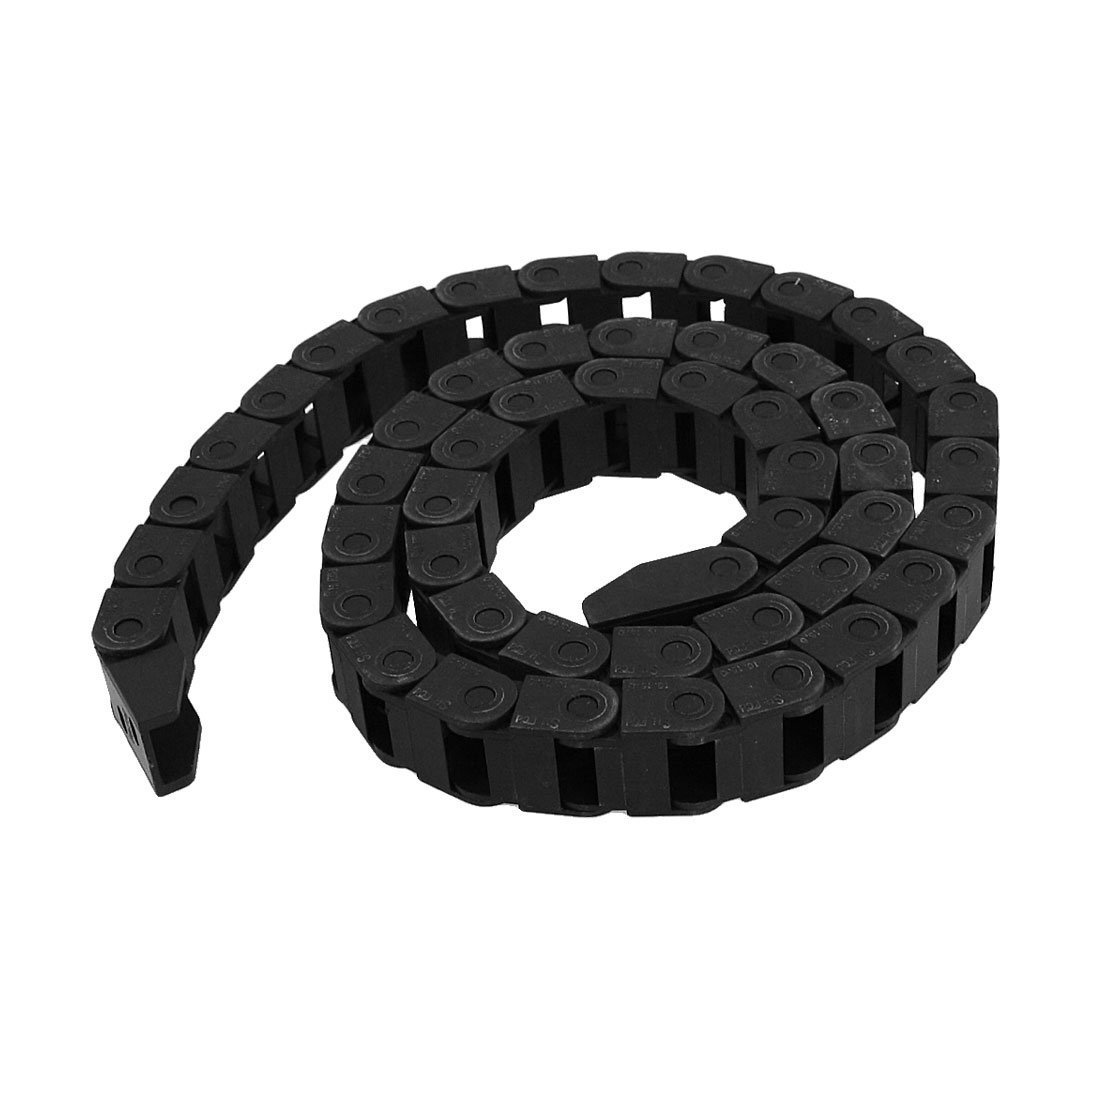 R SODIAL Trascinare catena Plastica nera di resistenza catena cavo portante 10 x 15mm per router di CNC Mill